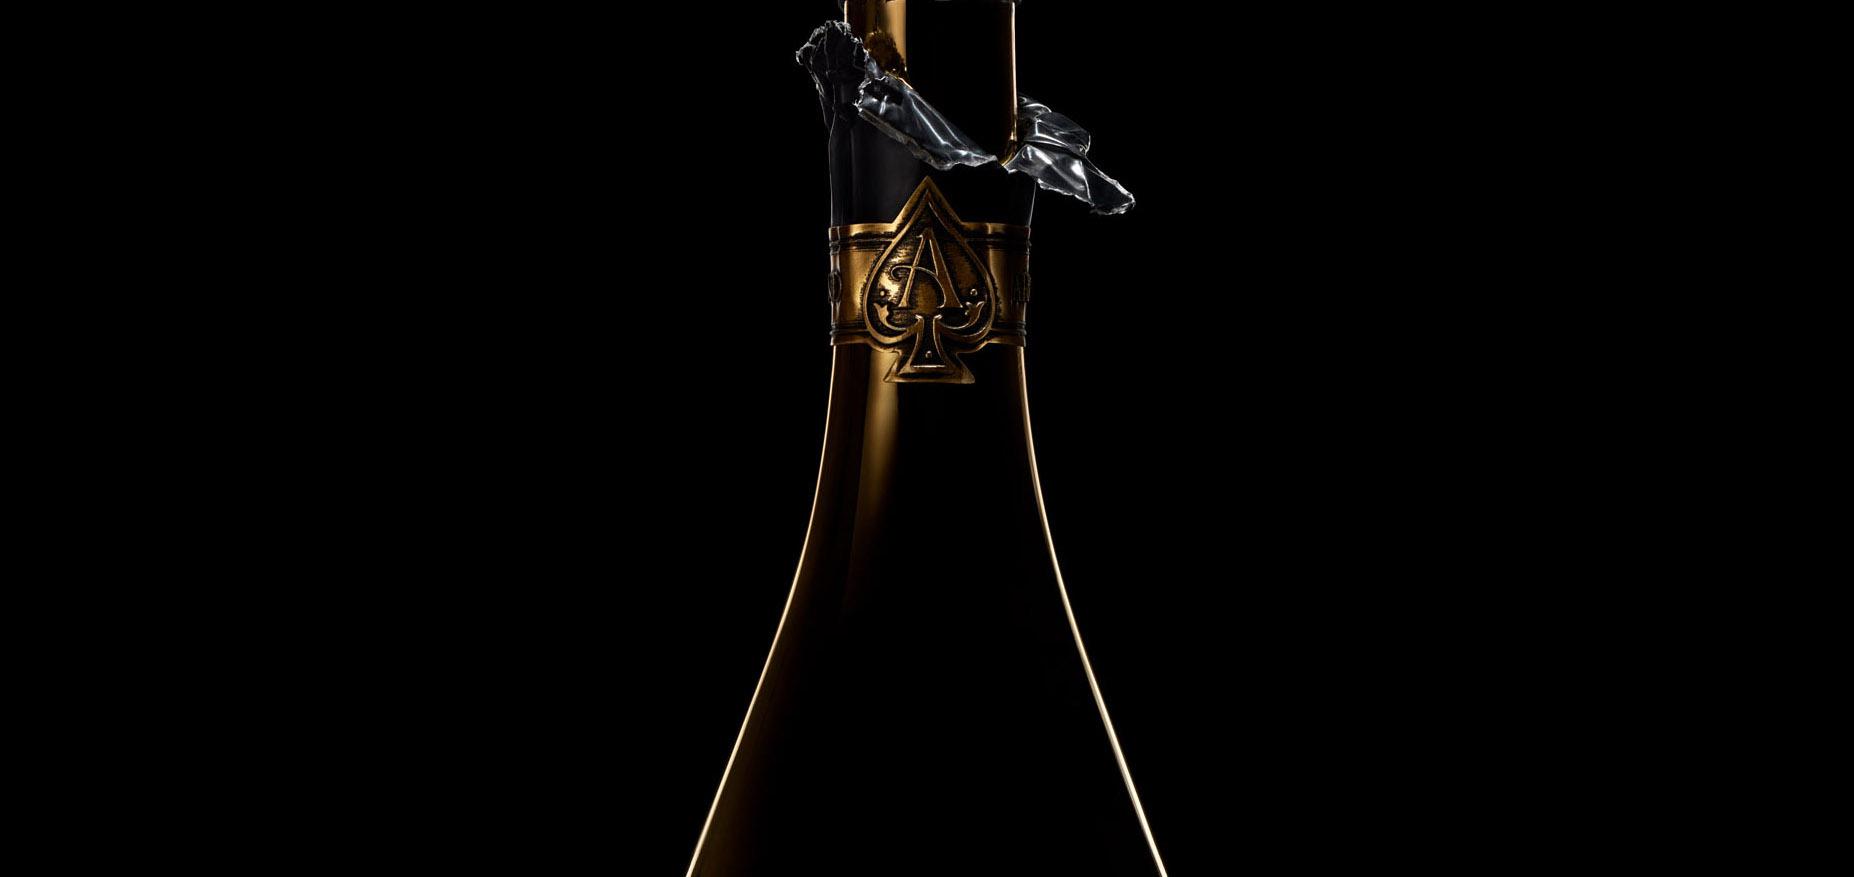 Nos Bastidores da Armand de Brignac - Armand de Brignac Champagne